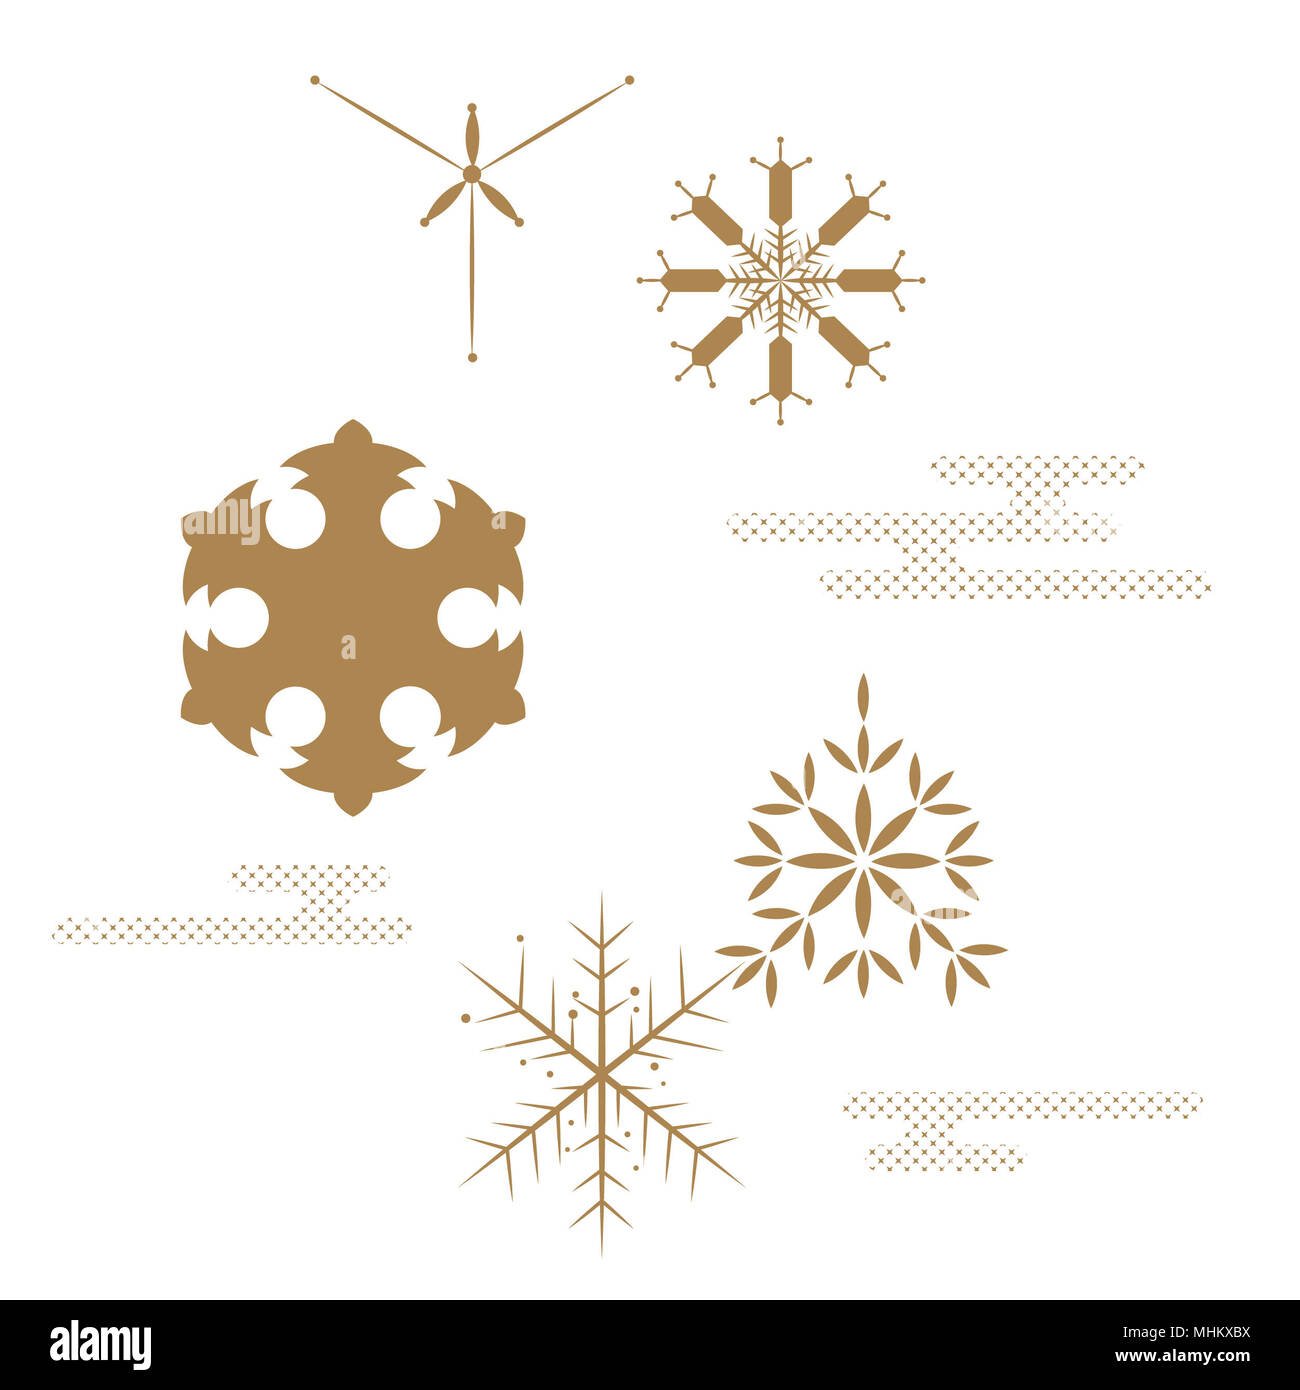 Elementi Di Fiocco Di Neve Per Il Vettore Di Decorazione In Stile